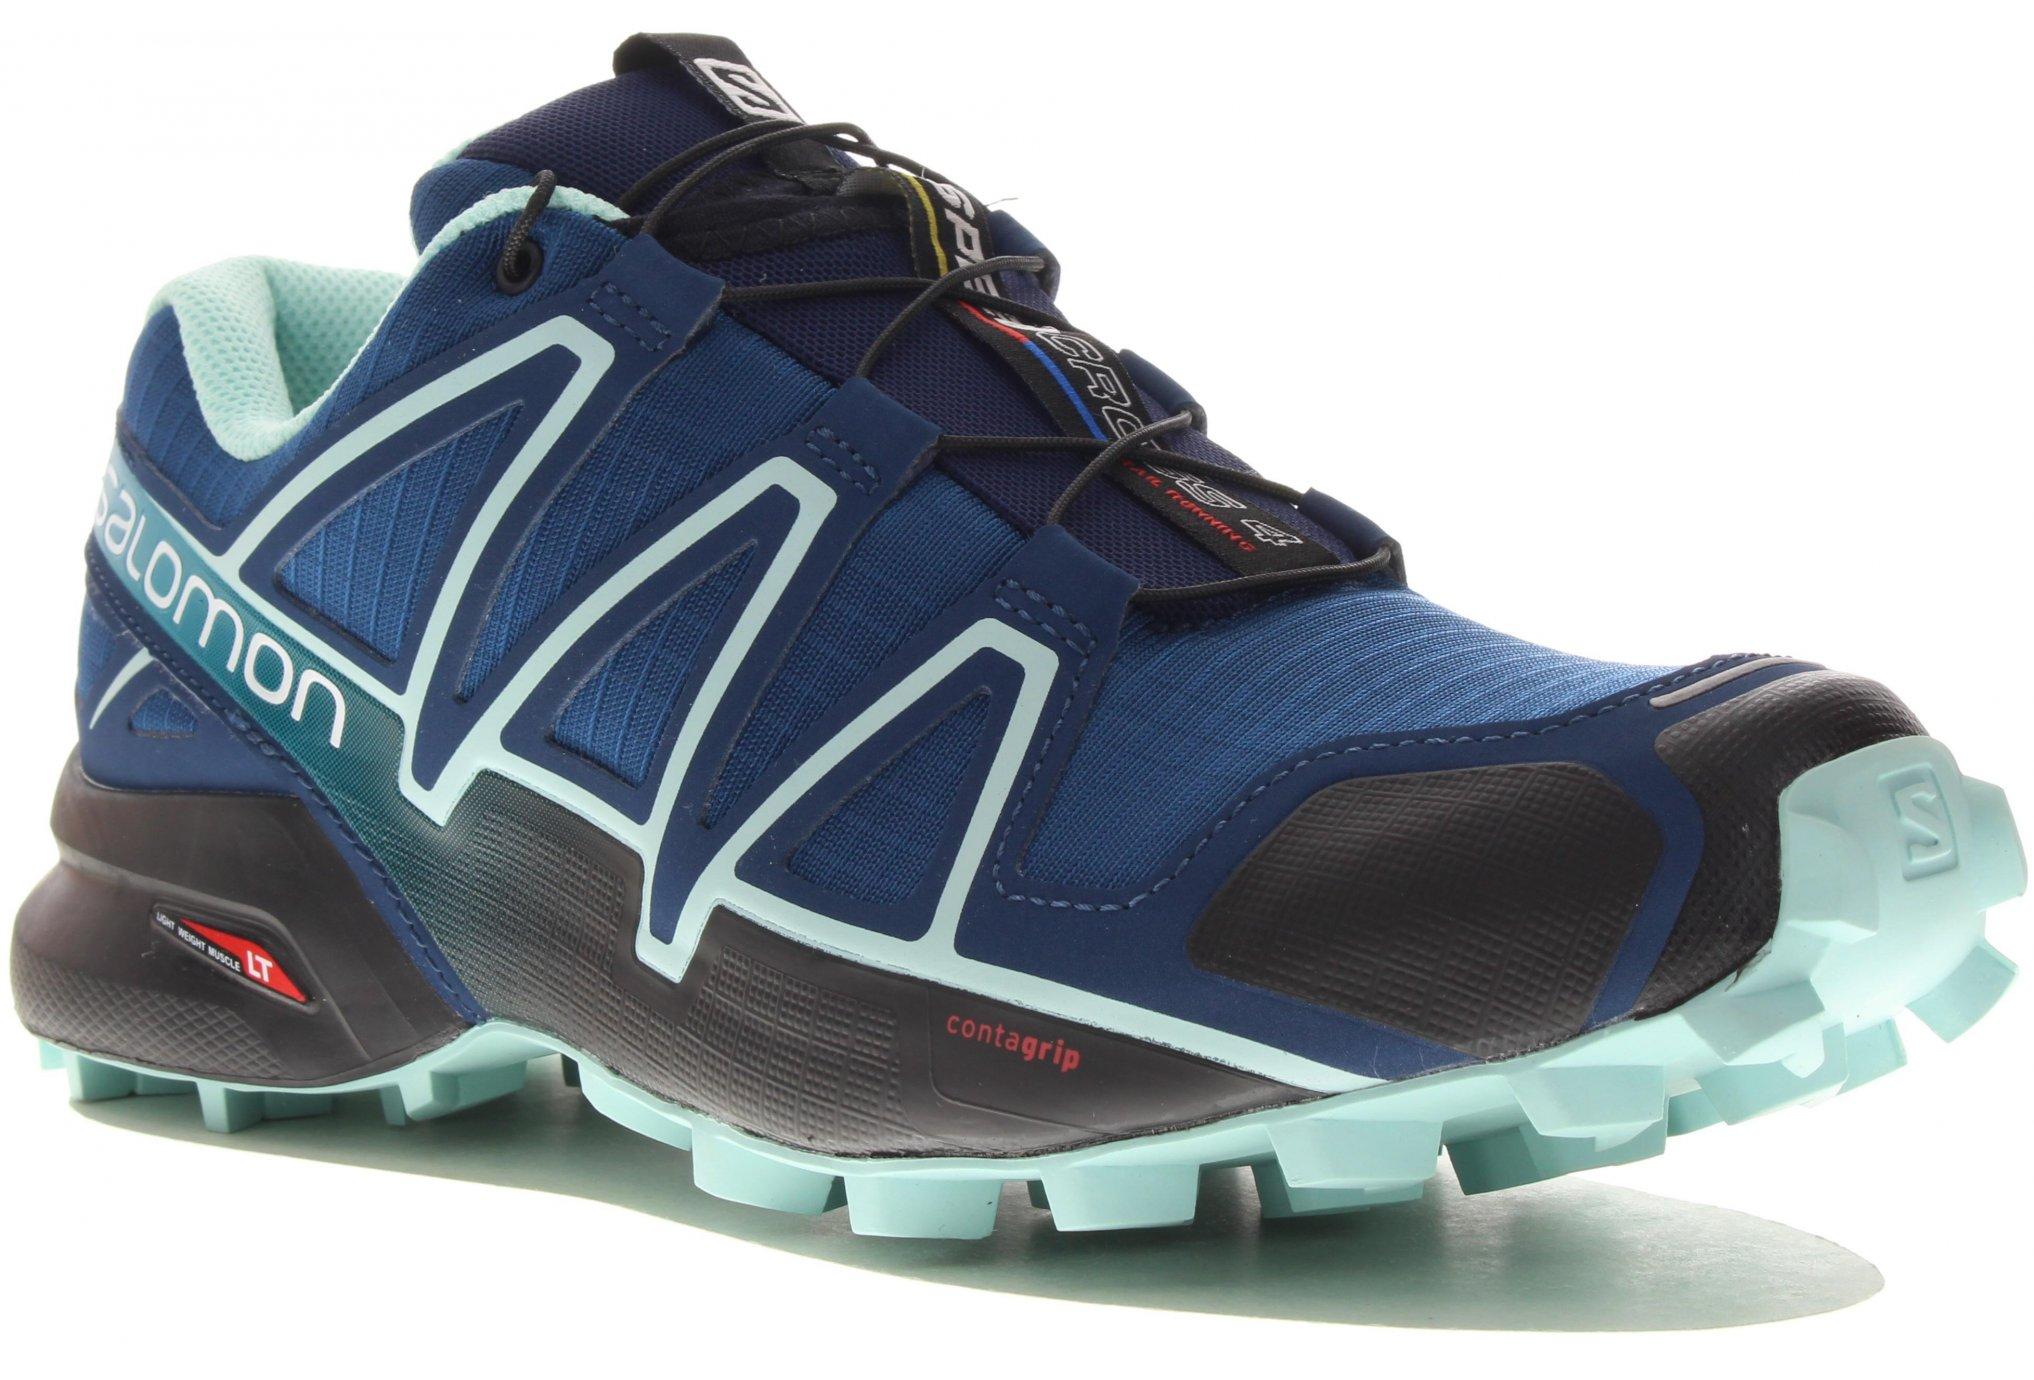 Salomon Speedcross 4 W Chaussures running femme